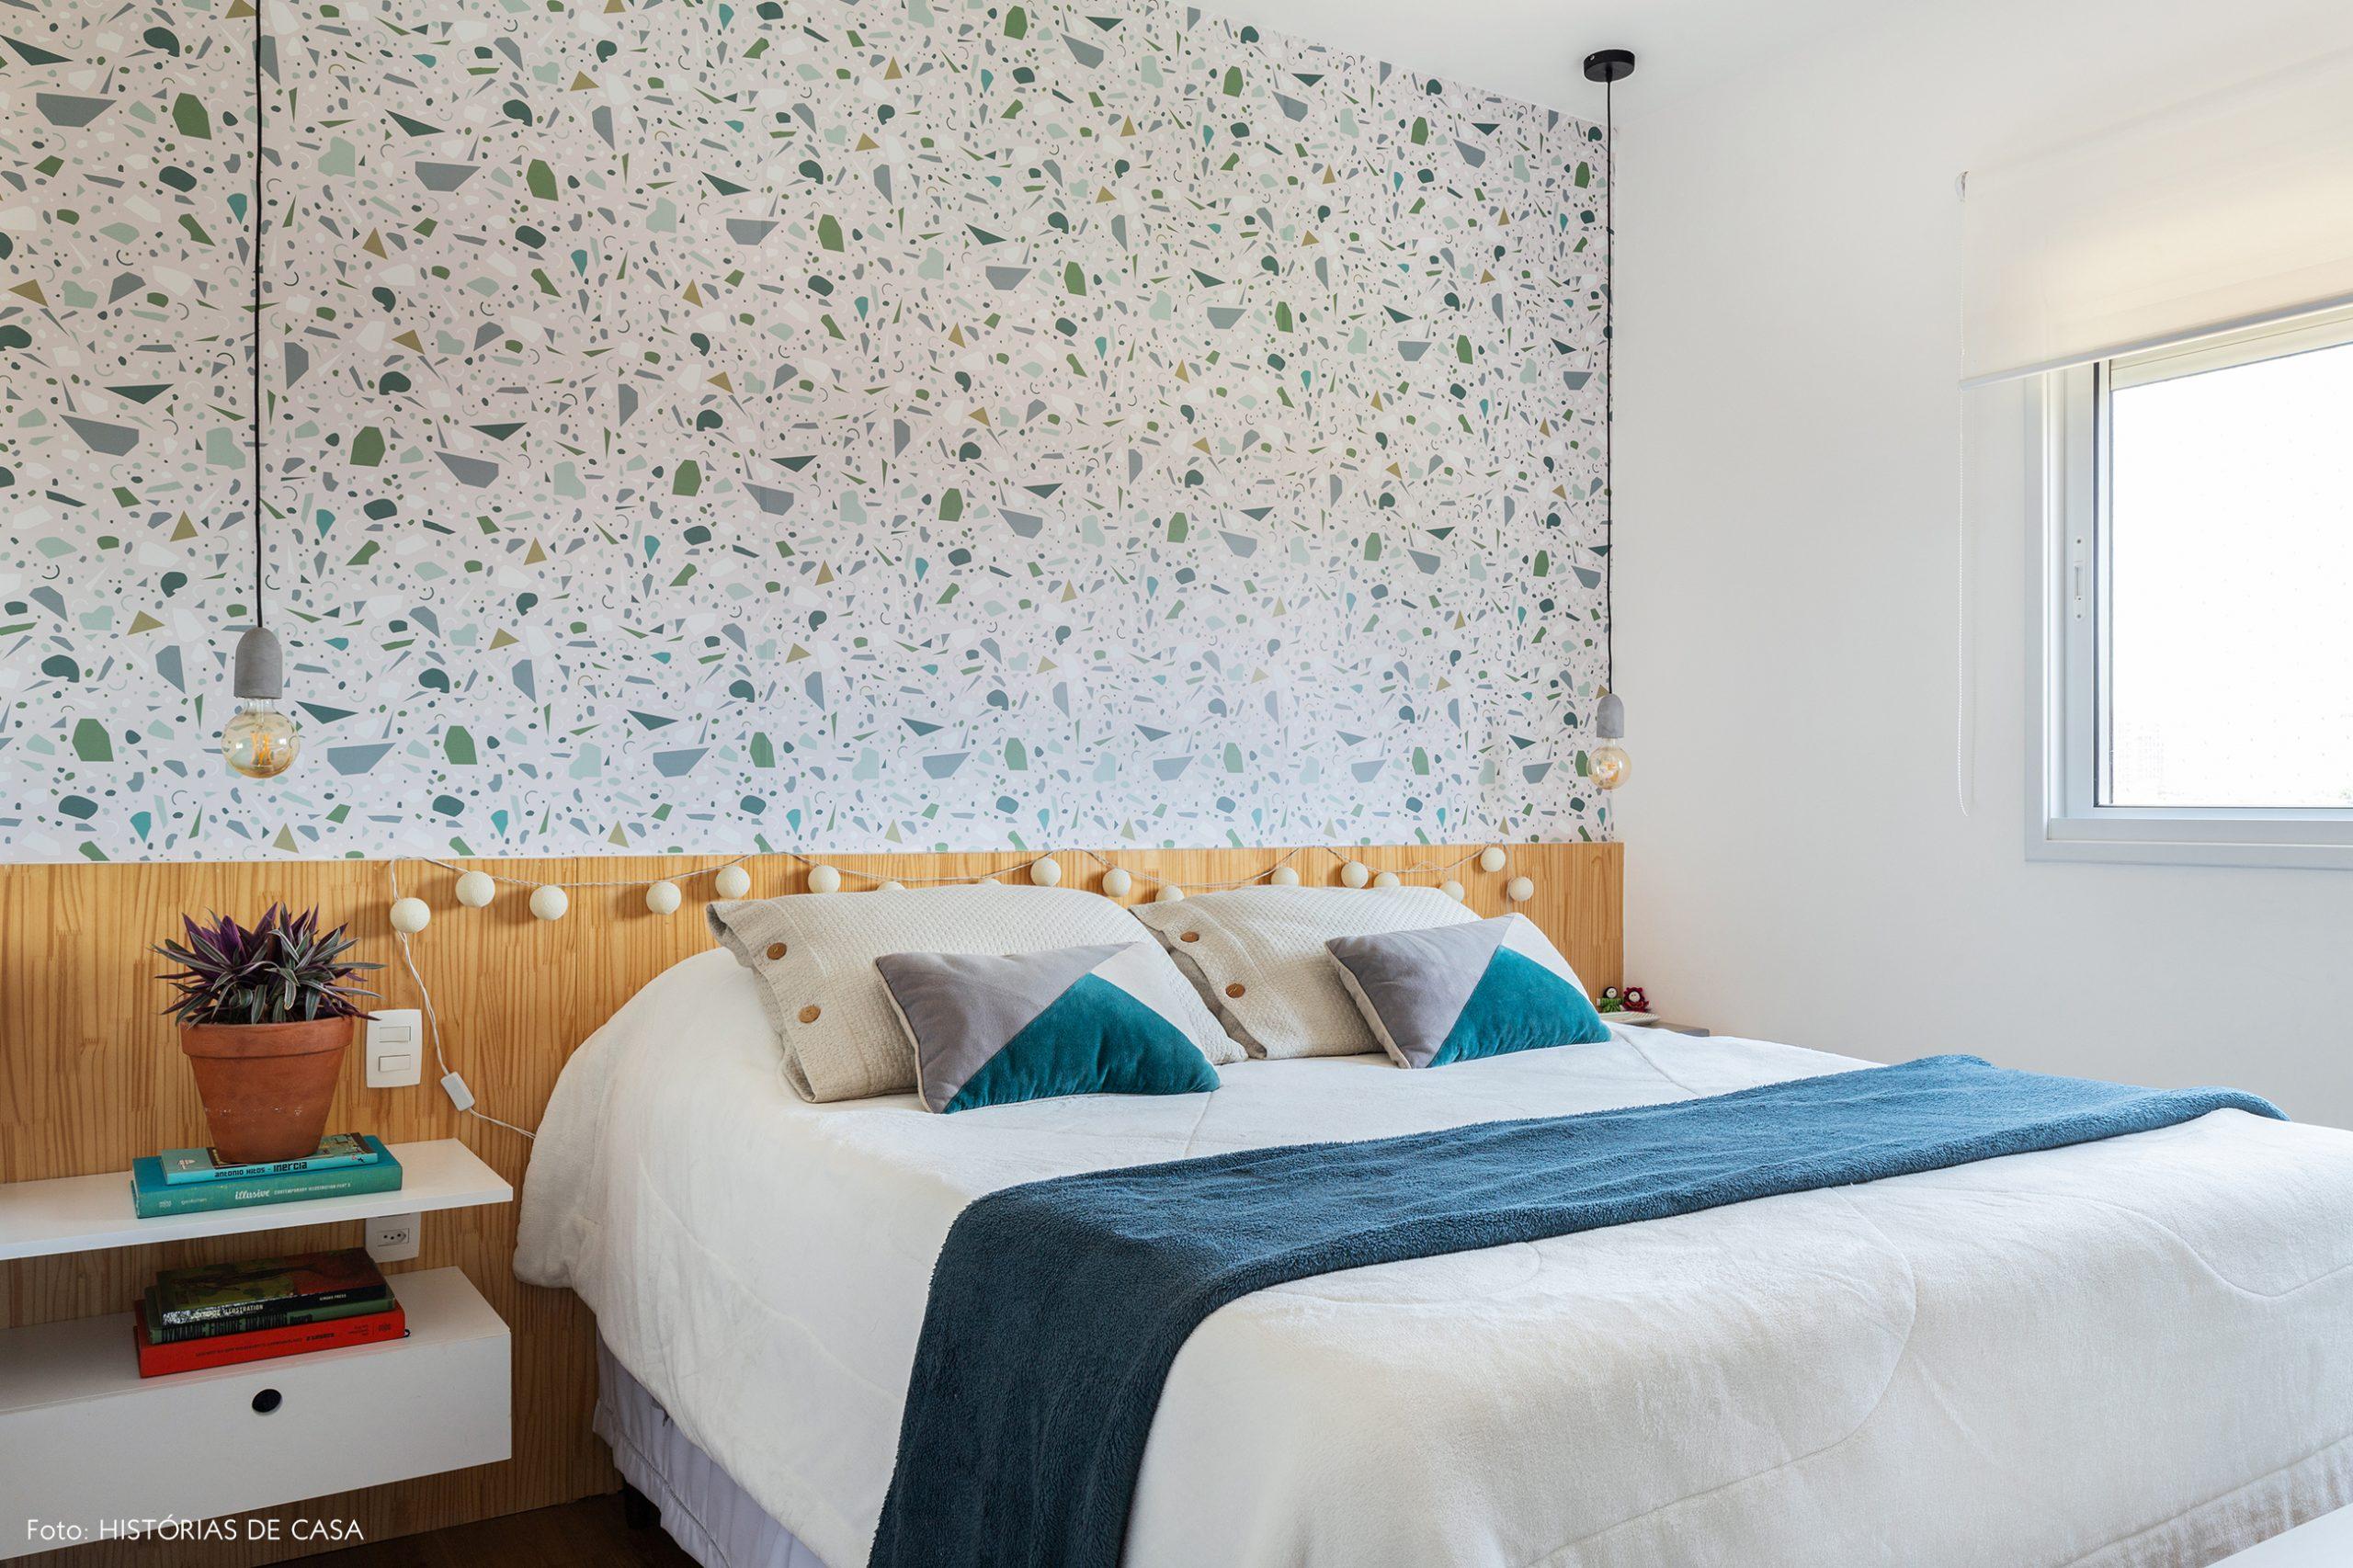 decoração quarto com papel de parede de granilite